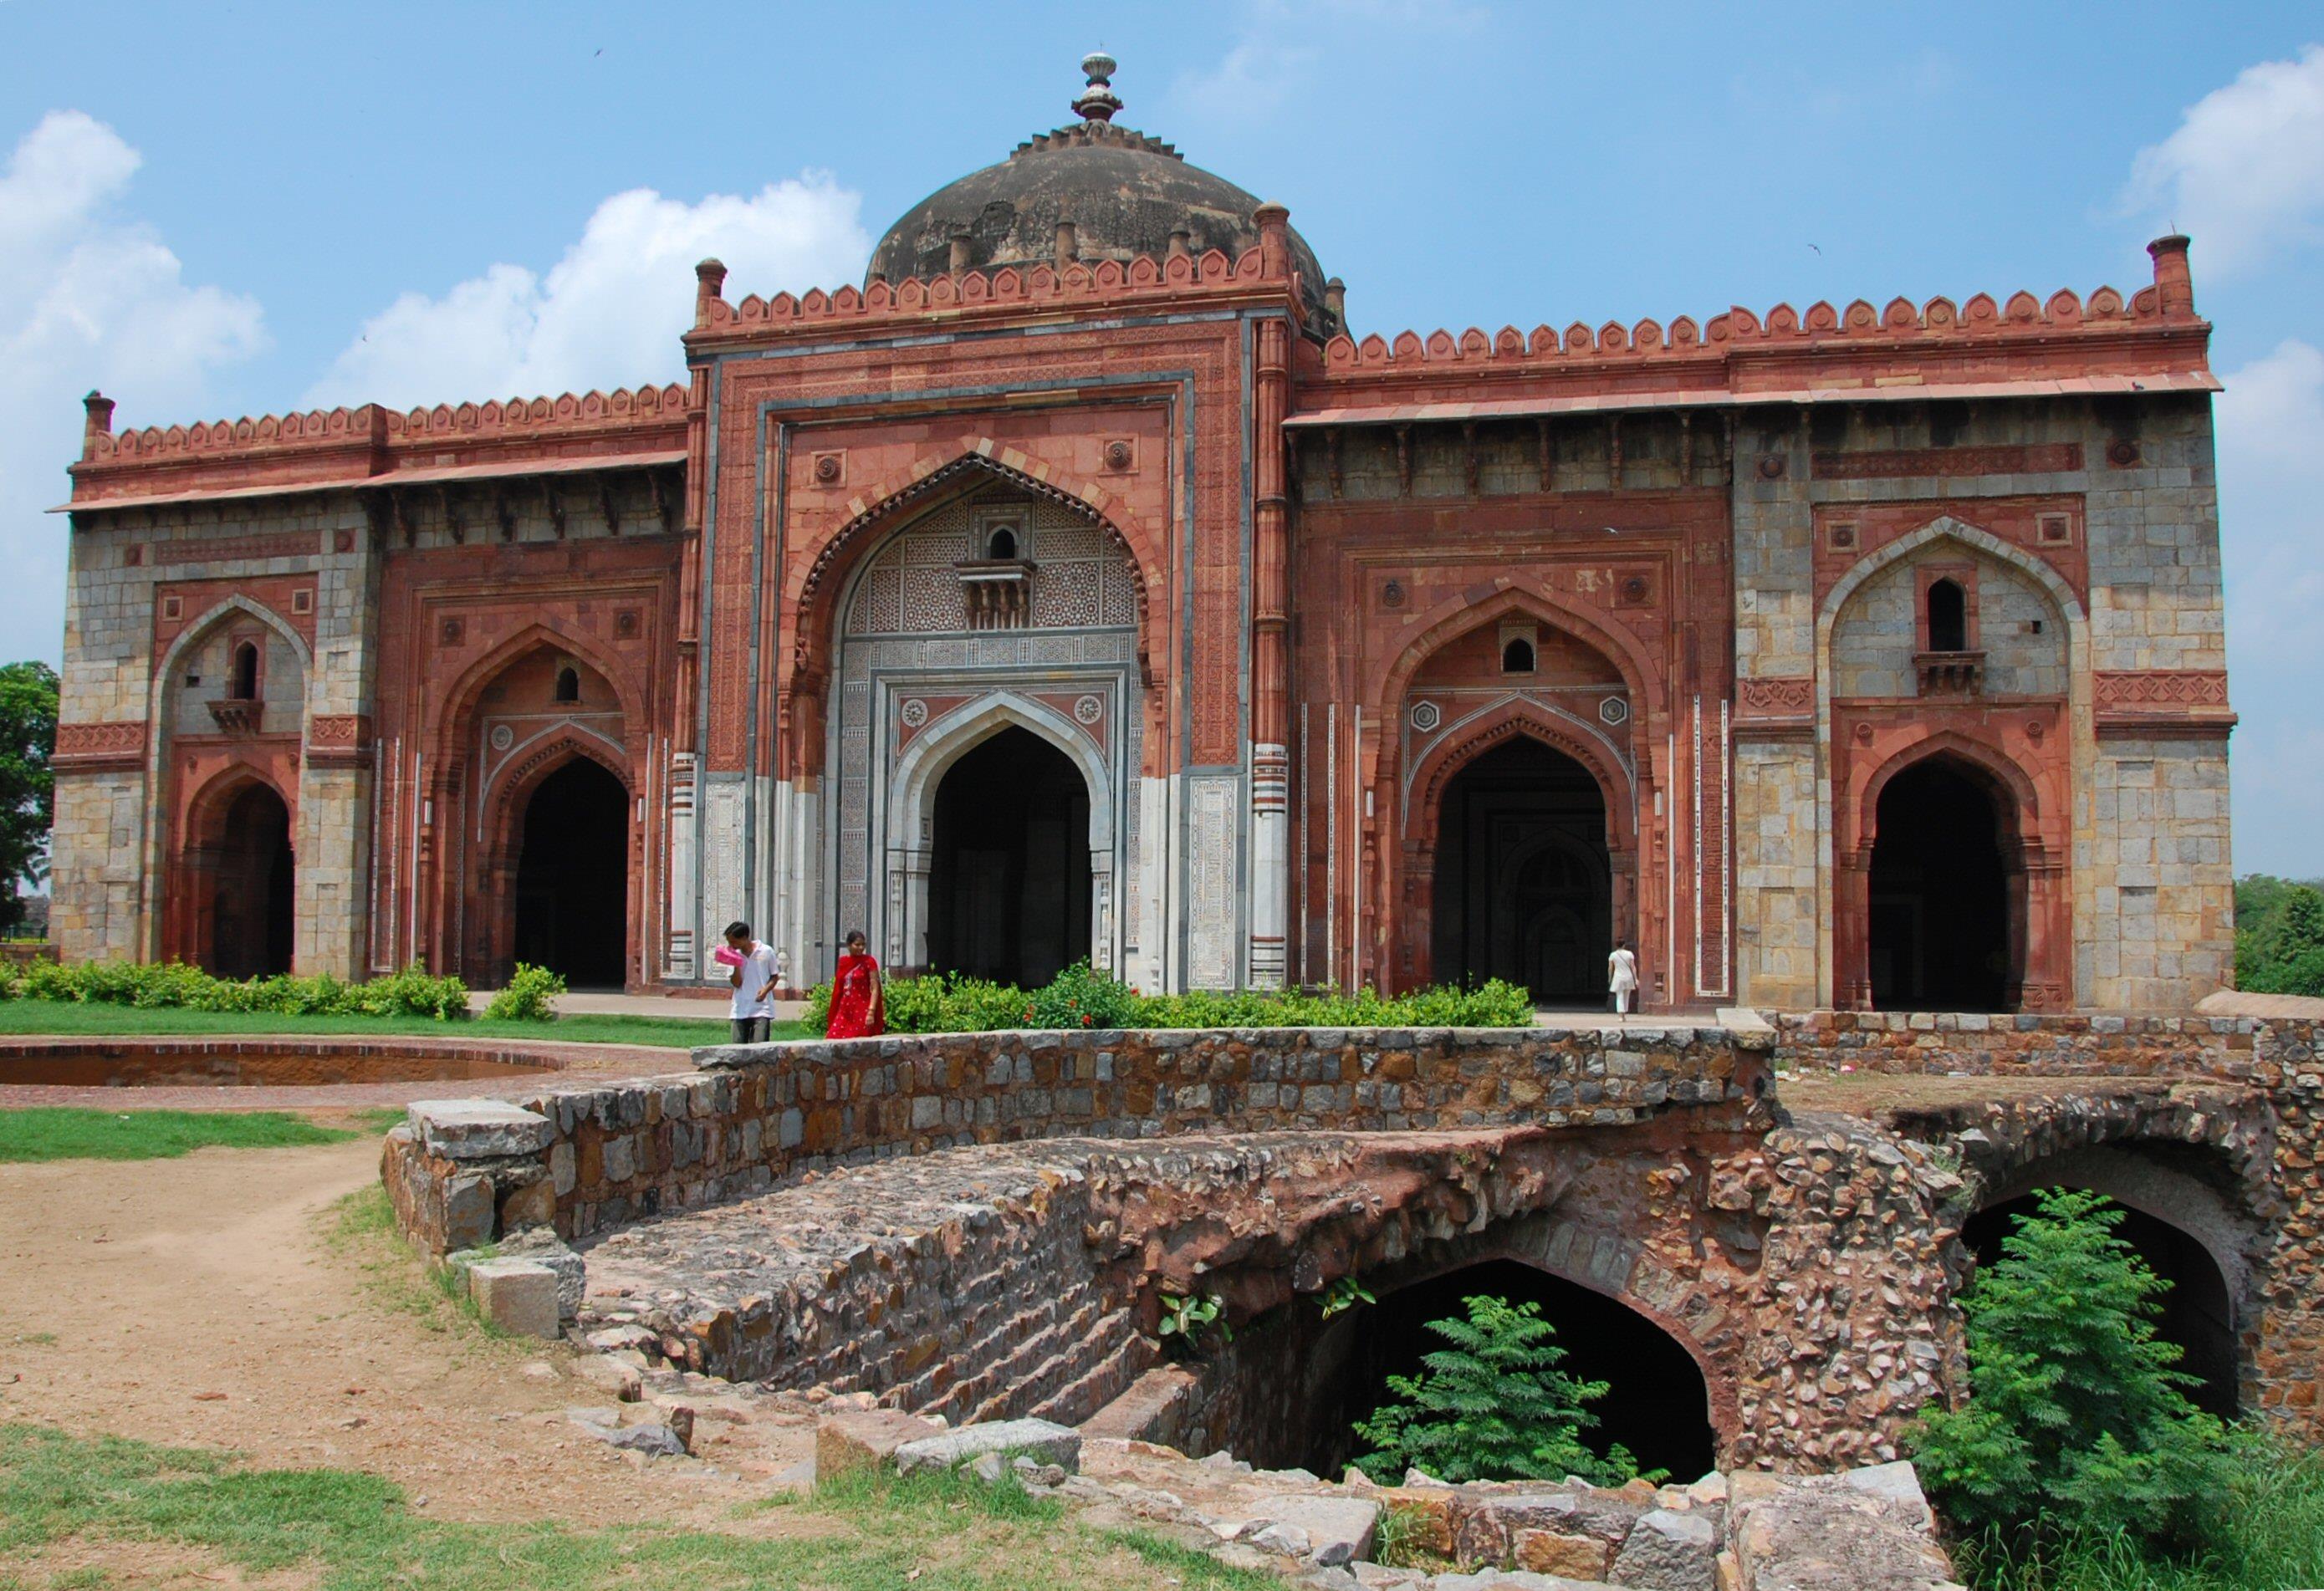 Purana Quila (Old Fort) - Delhi Image